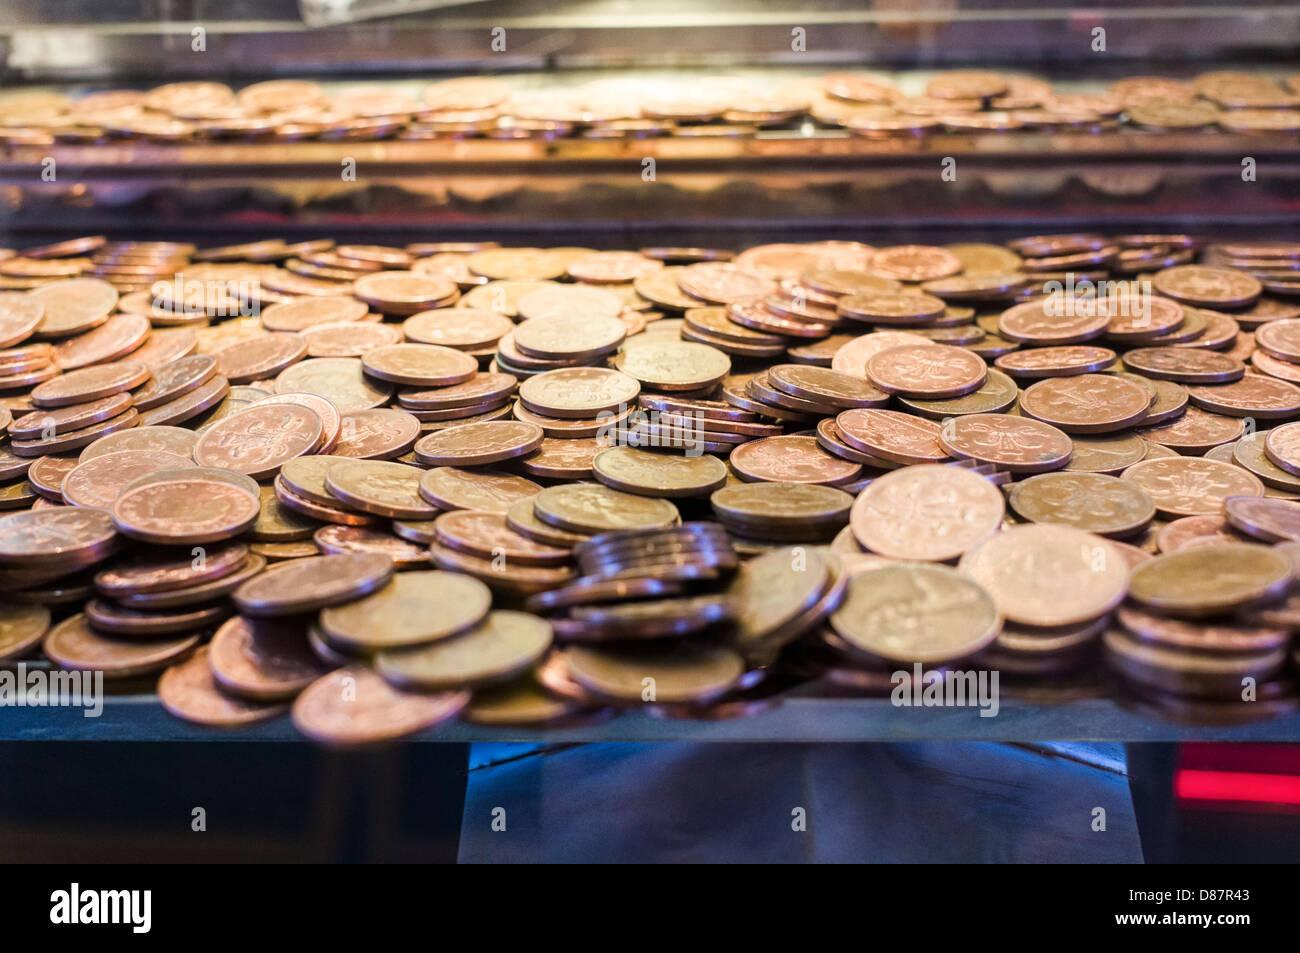 Cerca de 2p piezas en una diversión arcade penny falls juego de la máquina, REINO UNIDO Imagen De Stock